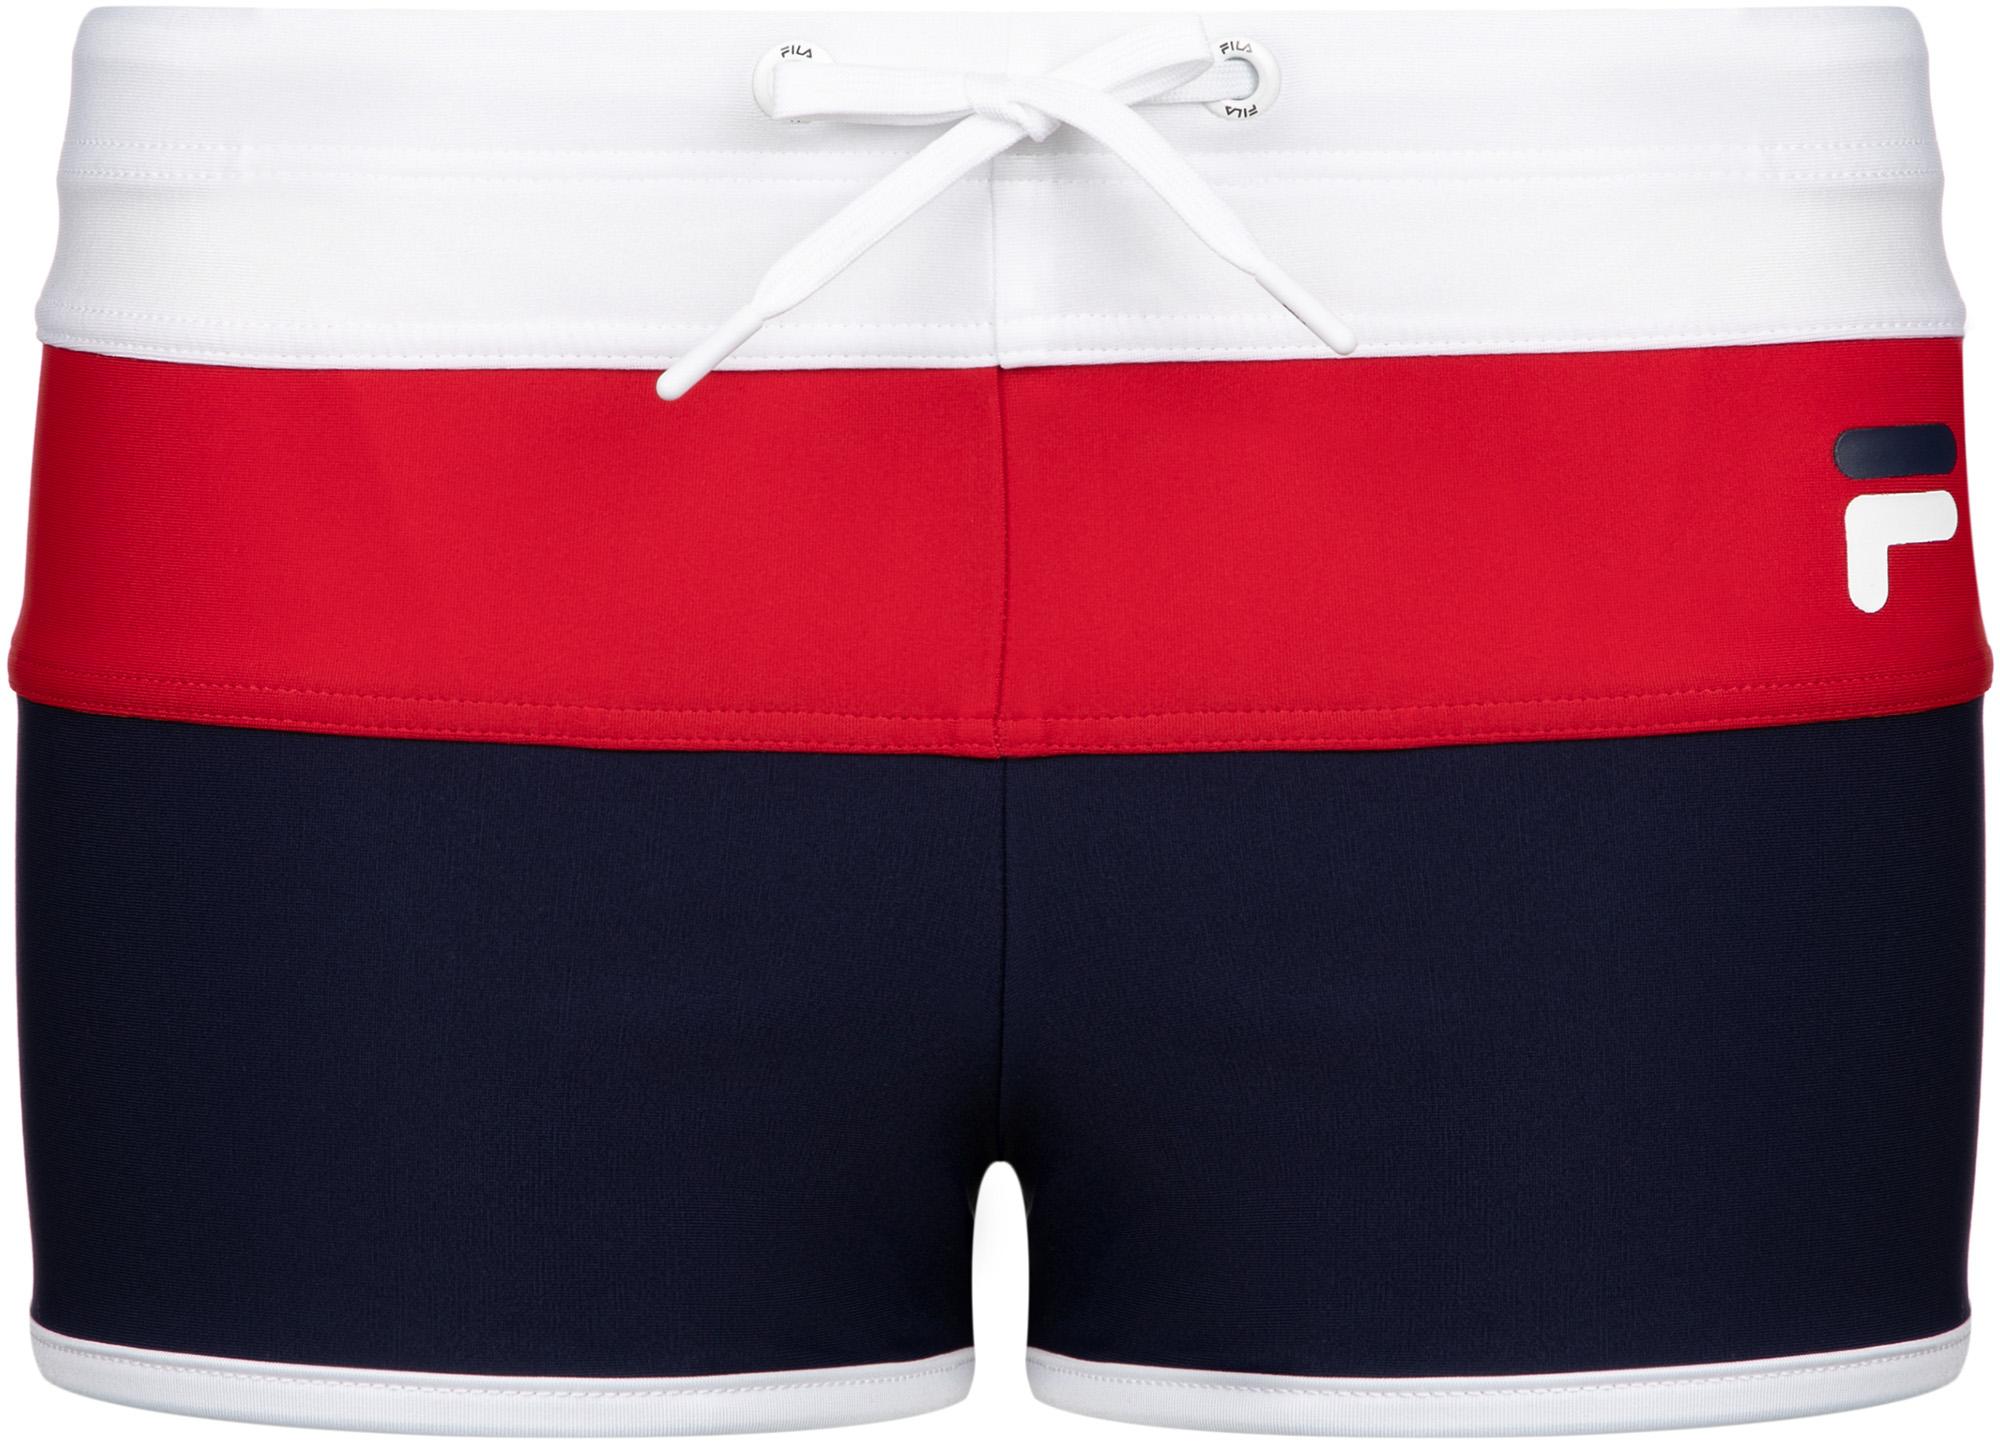 Фото - FILA Плавки-шорты для мальчиков FILA, размер 140 fila шорты плавательные для мальчиков fila размер 164